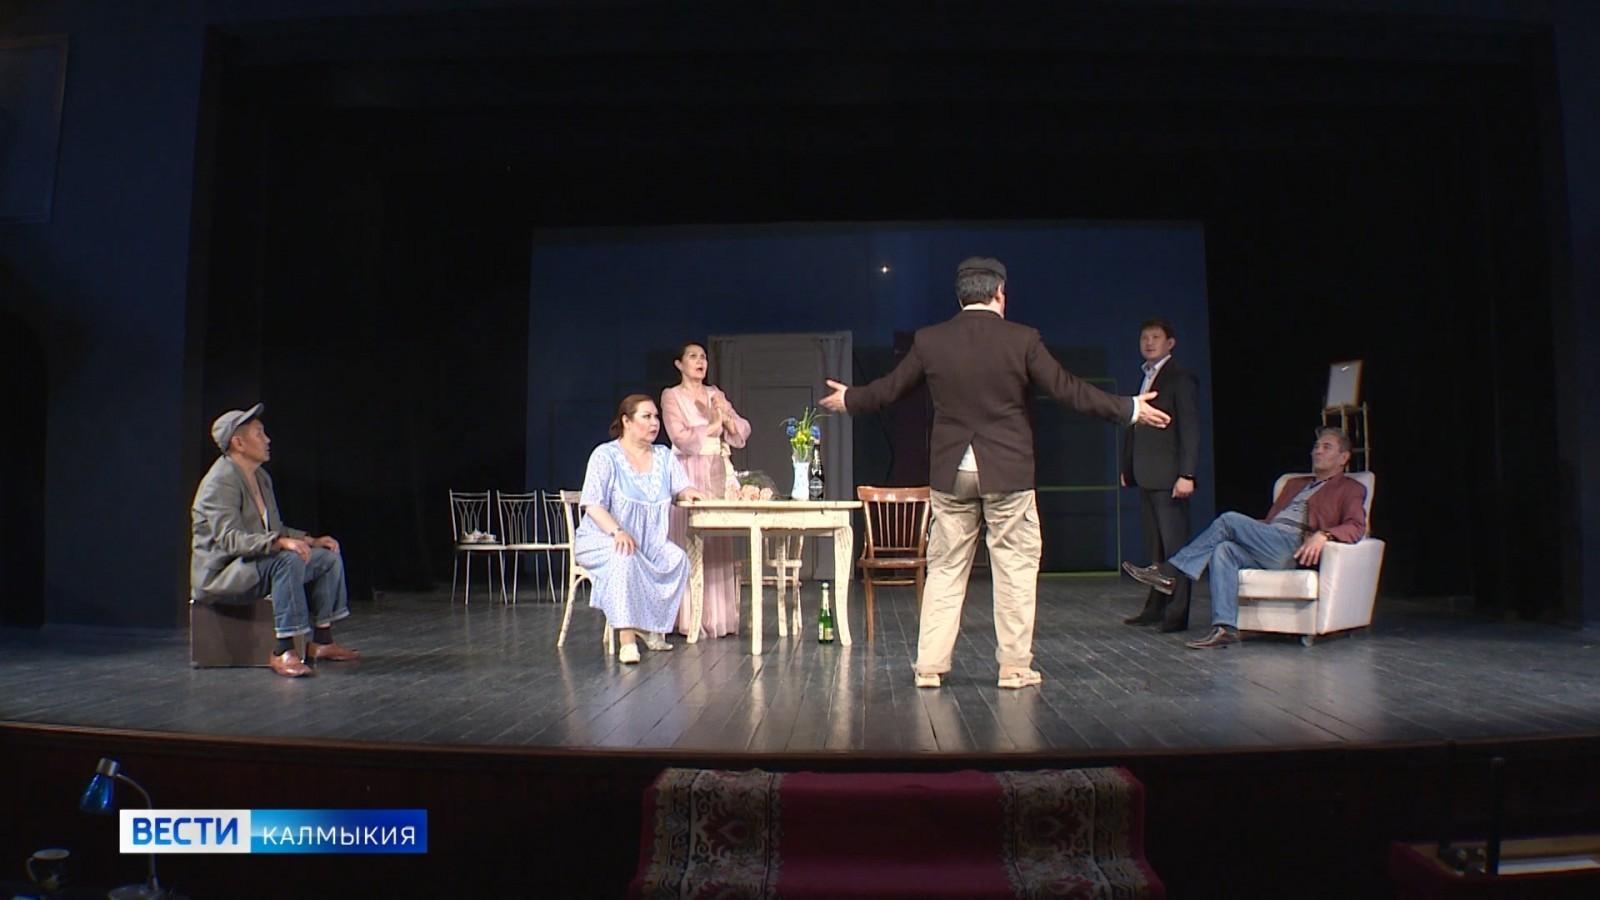 Русскому театру драмы и комедии сегодня - 30 лет